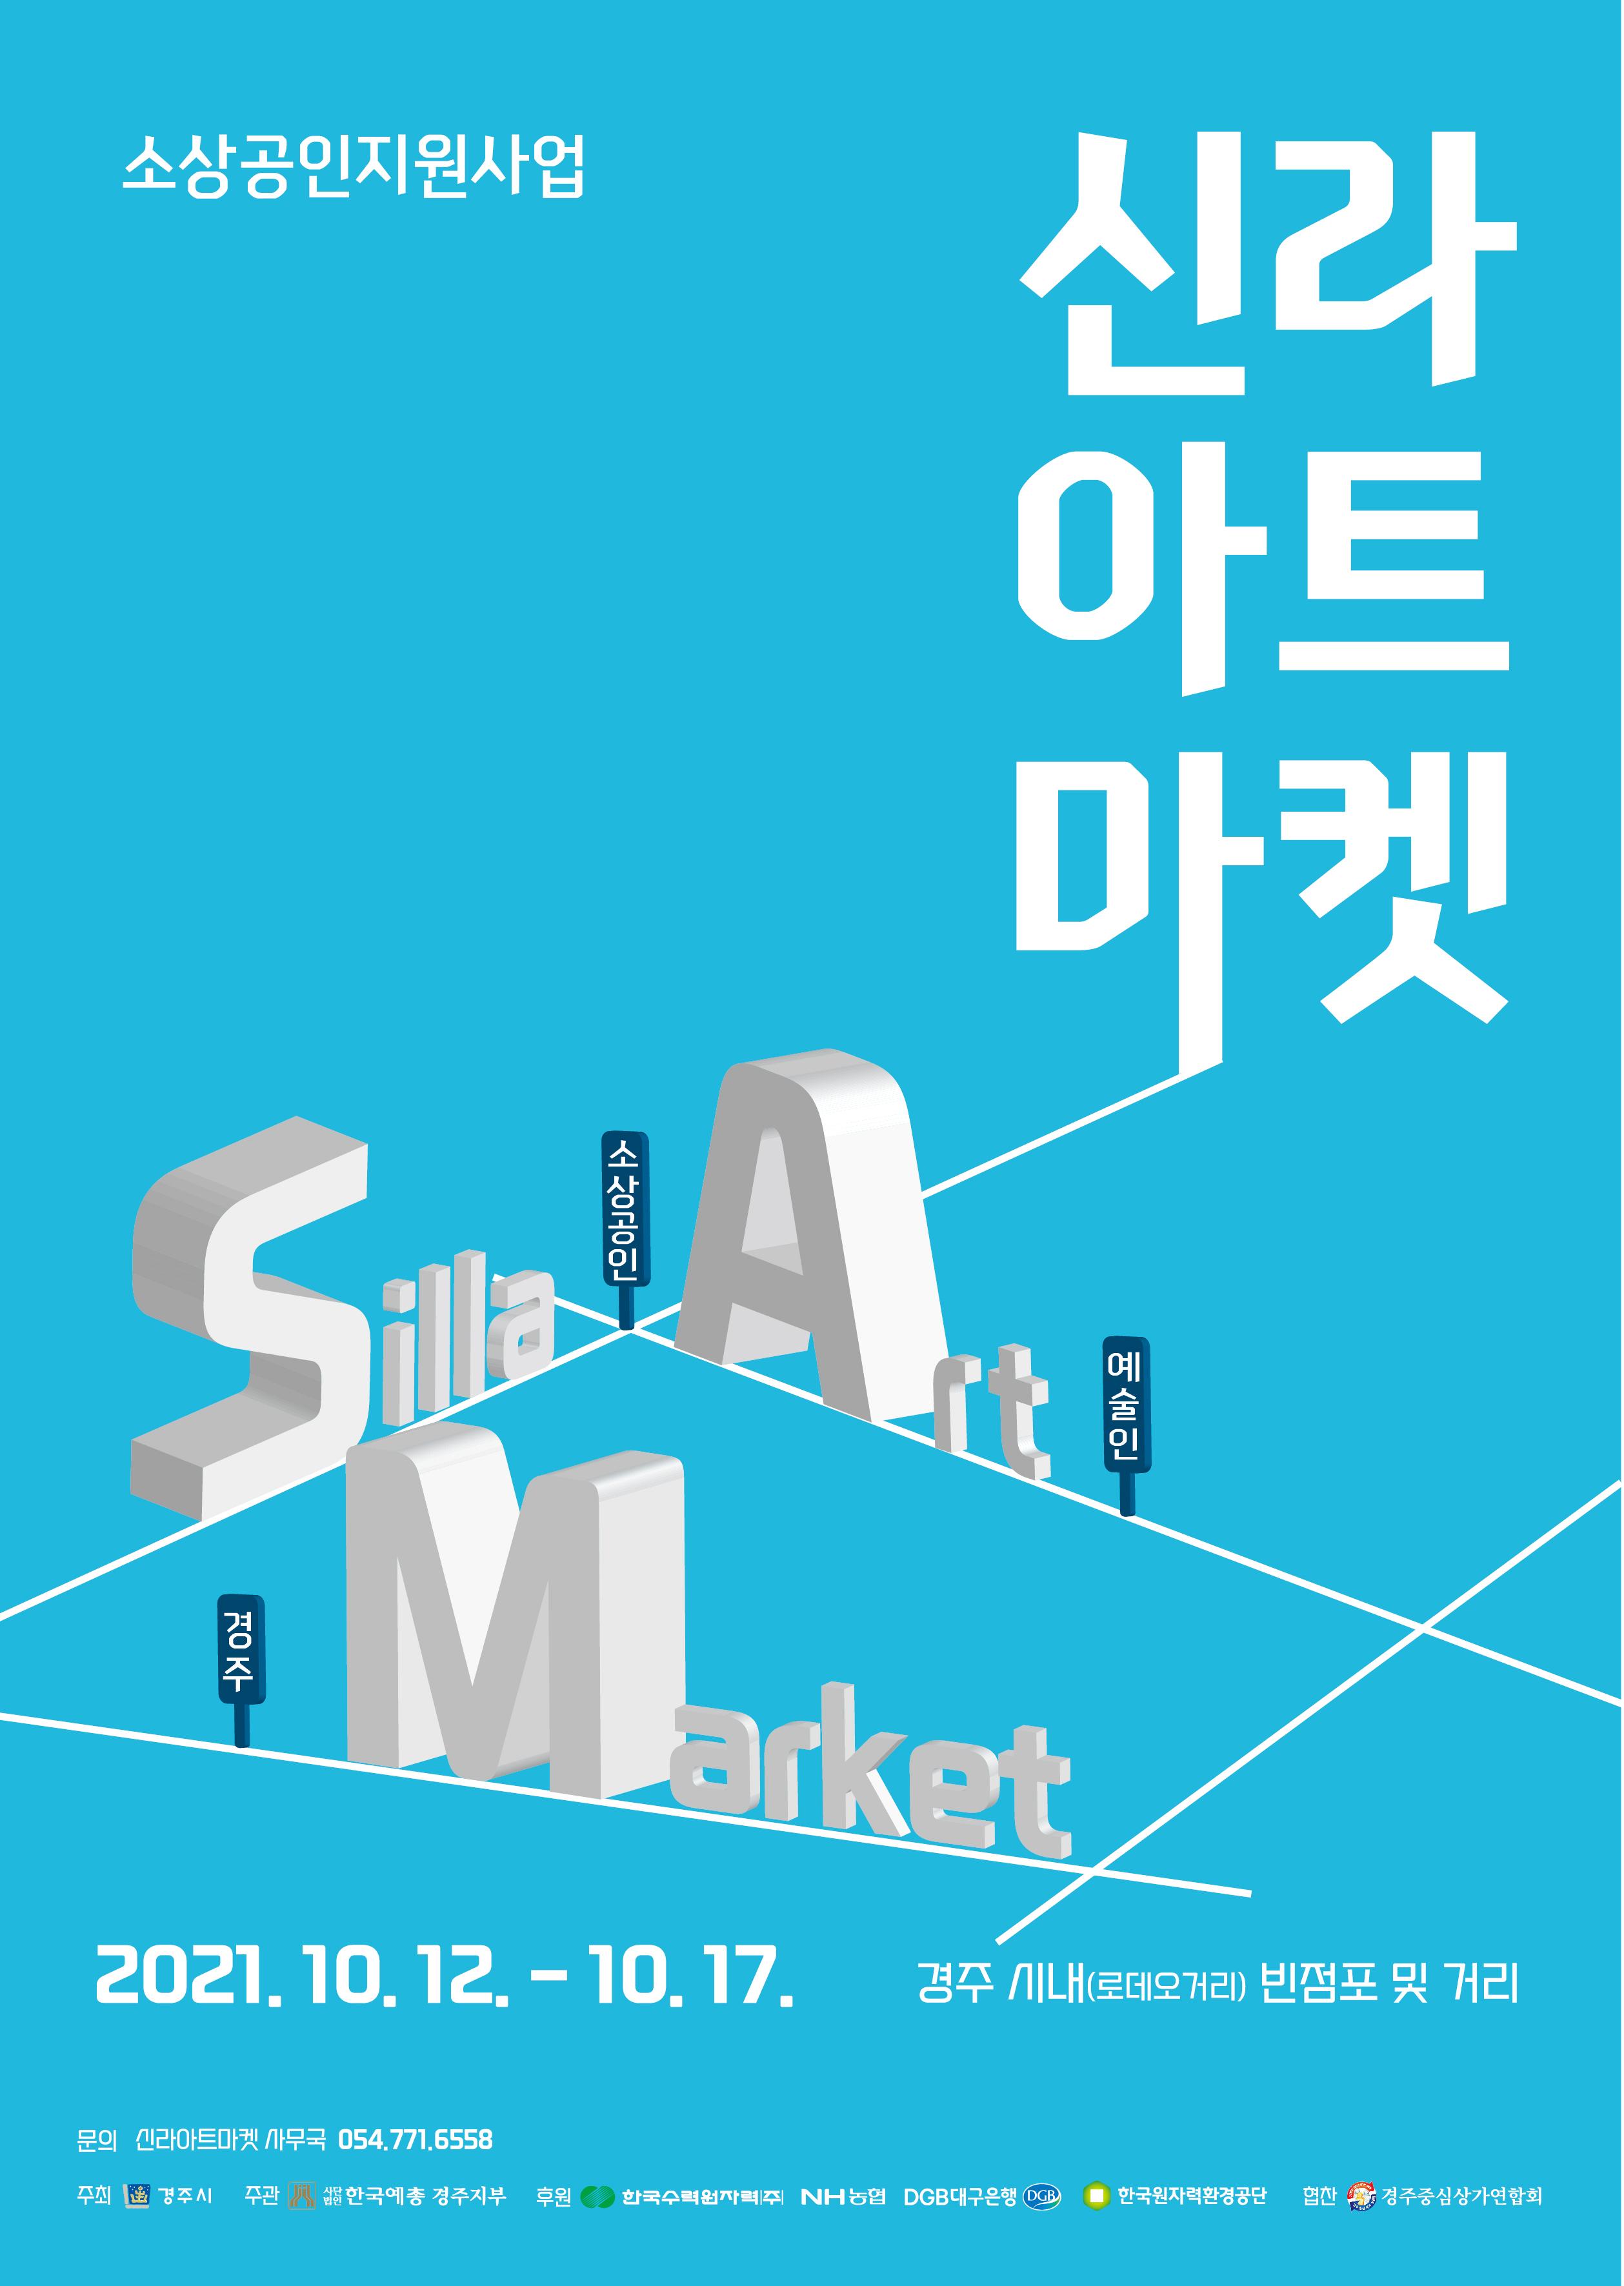 [소상공인지원사업] 신라아트마켓